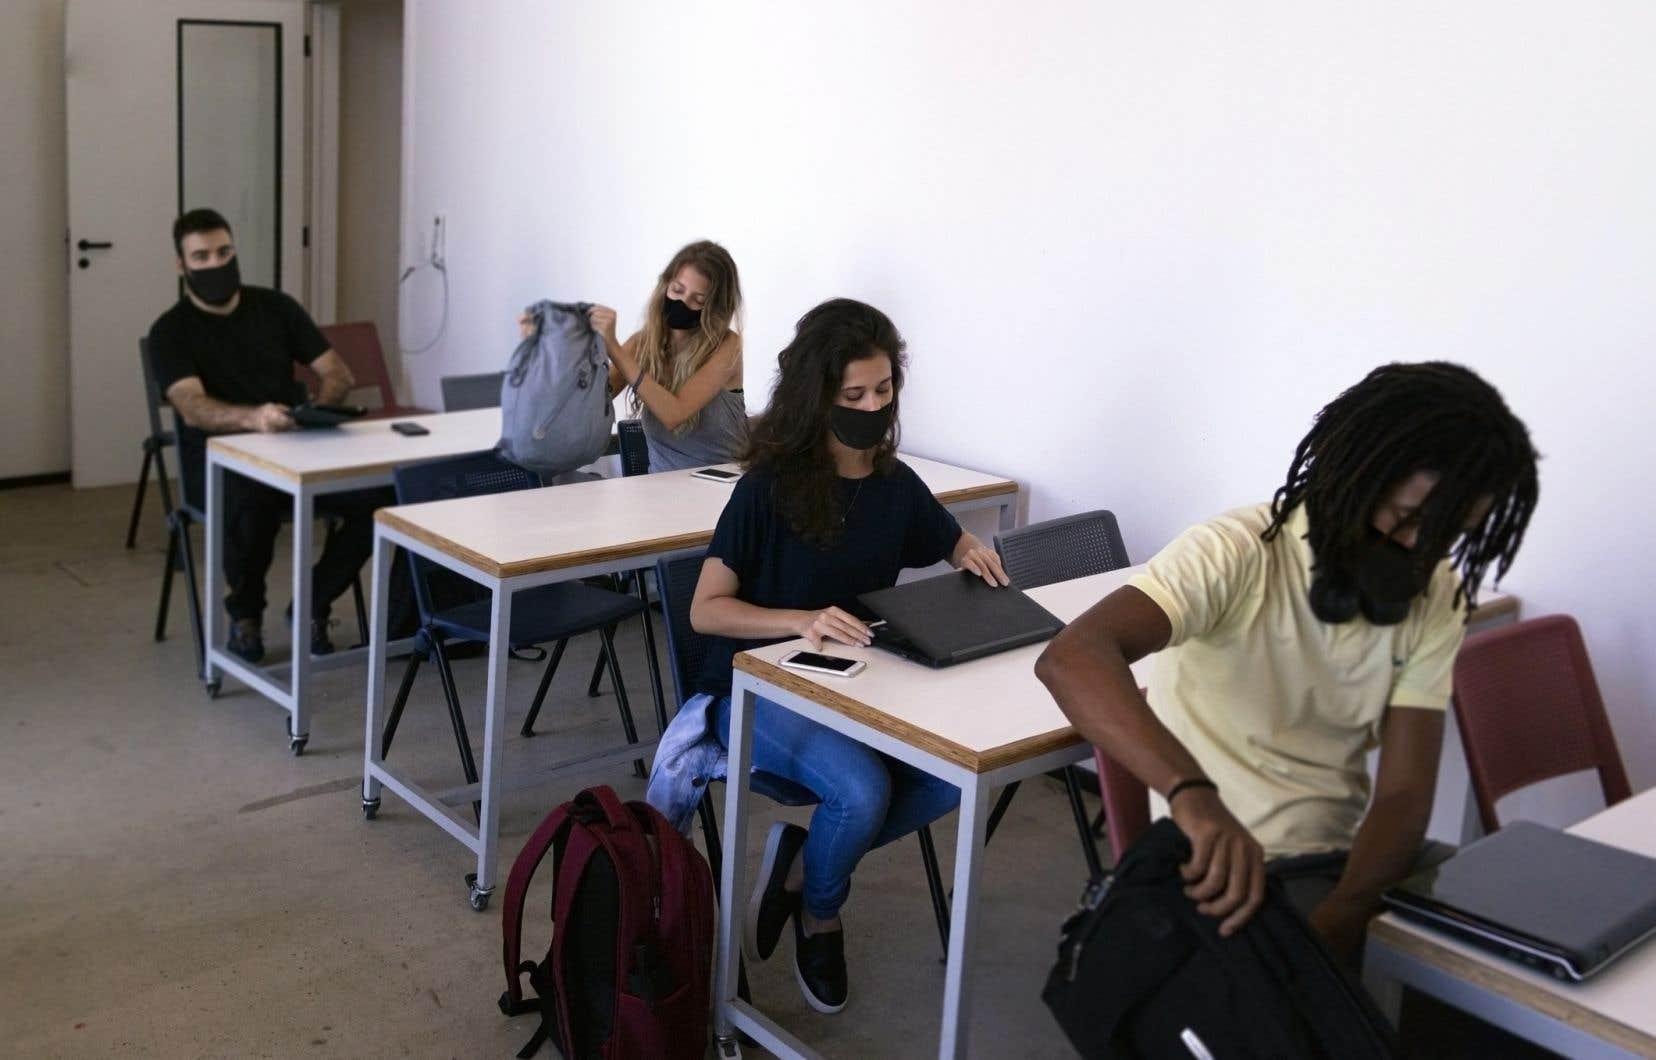 Les cégépiens doivent réussir cet examen (en français ou en anglais, selon leur langue d'enseignement) pour obtenir leur diplôme d'études collégiales. L'épreuve consiste à rédiger une dissertation critique de 900 mots à partir de textes littéraires dans un délai de 4h30, indique le site Web du MES.